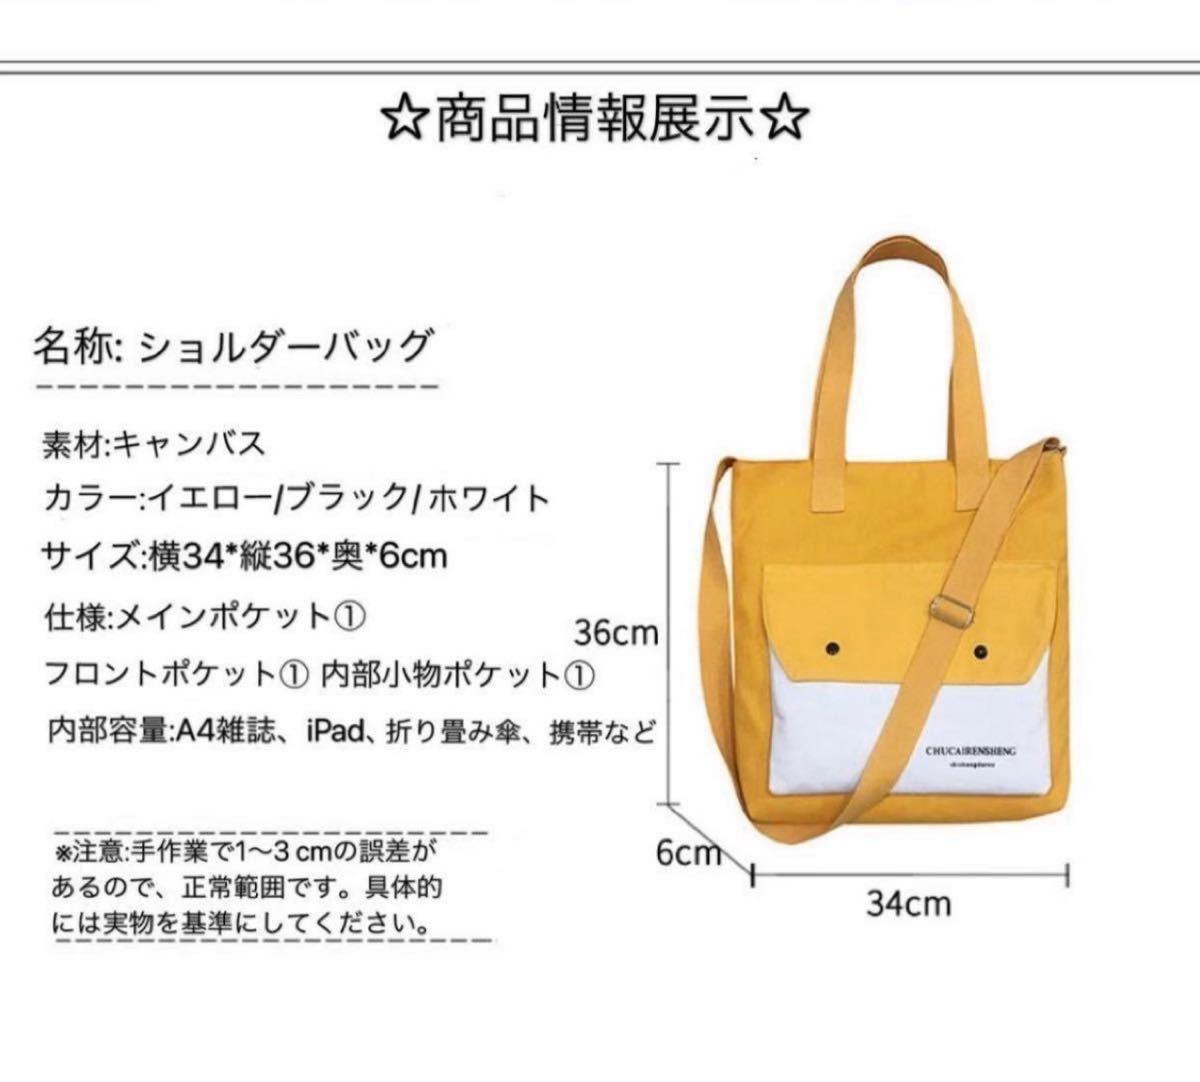 ショルダーバッグ トートバッグ キャンバス 通勤通学バッグ 2way ブラック 男女兼用